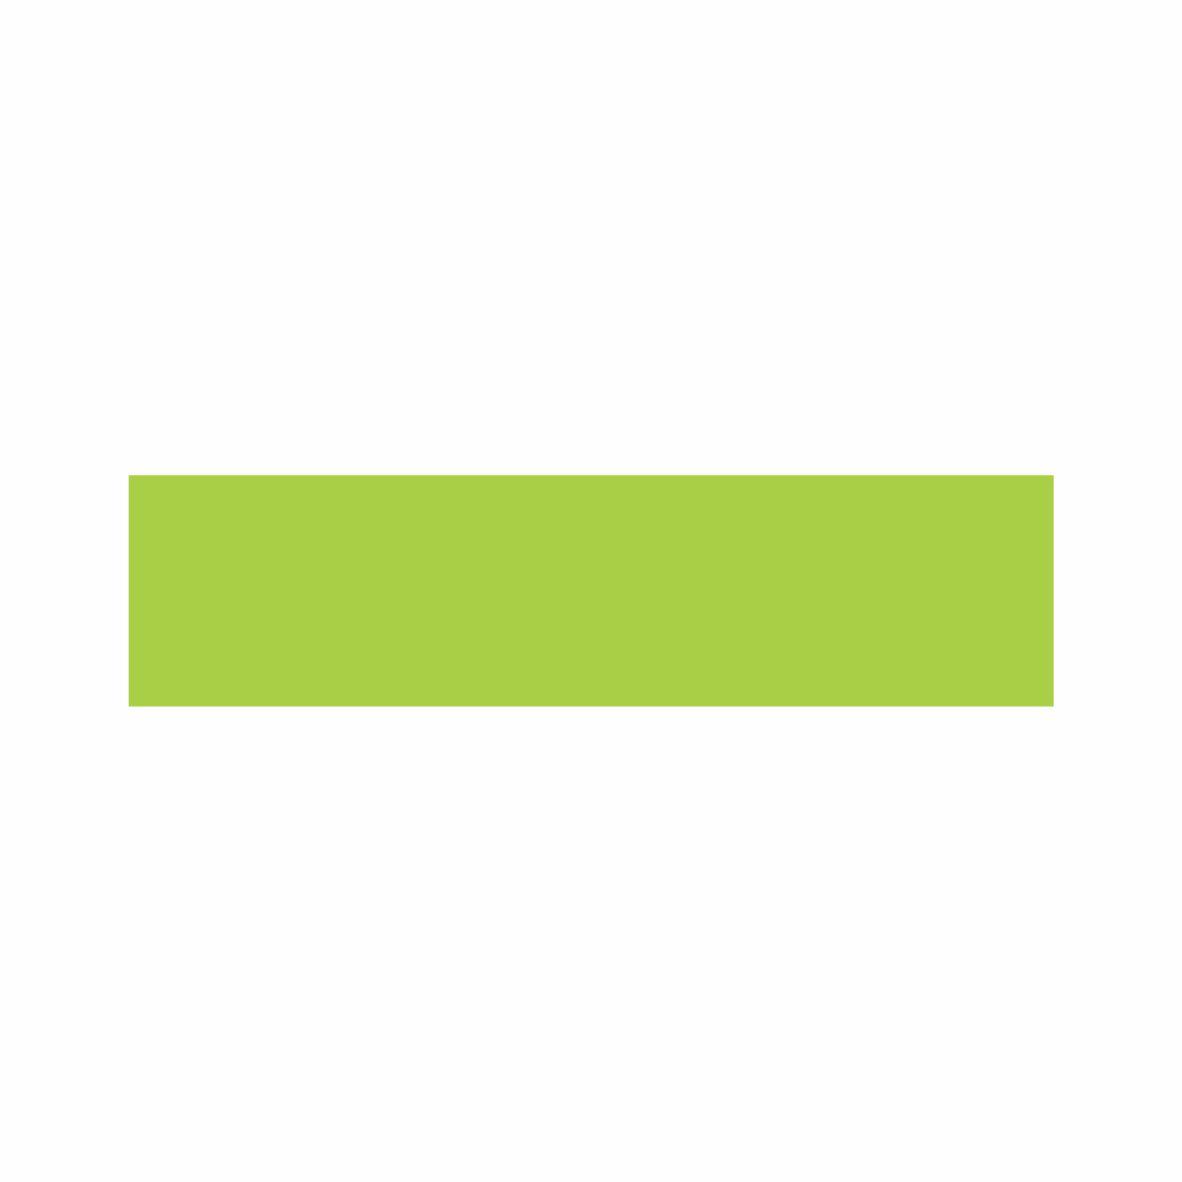 Verde claro  - Towbar Sinalização de Segurança